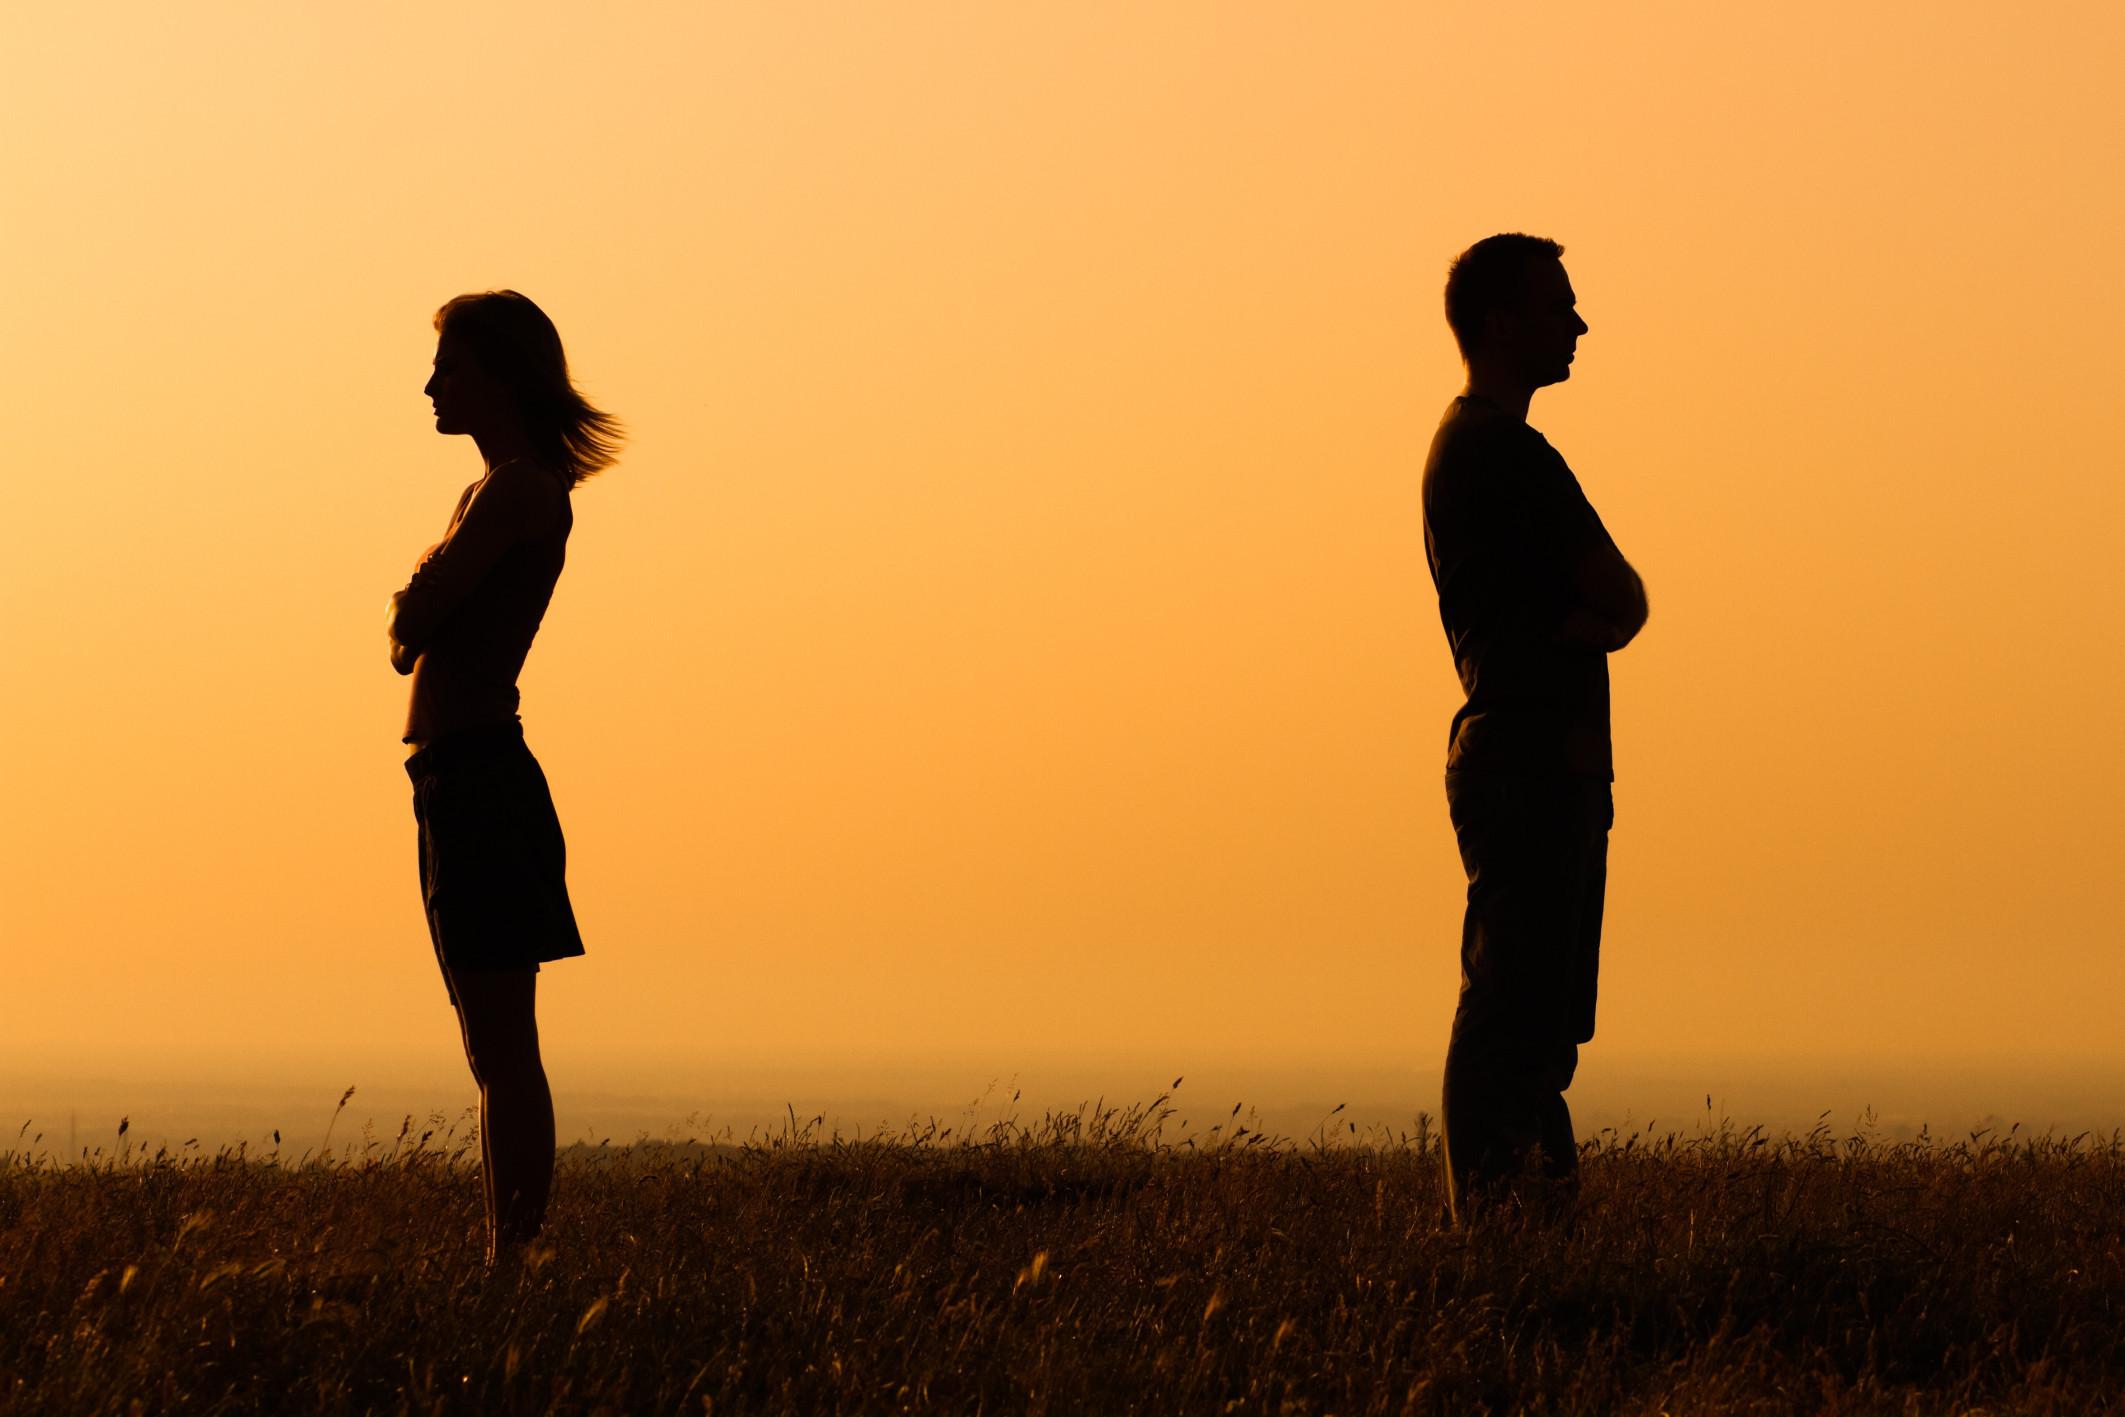 Double rencontres couples mariés